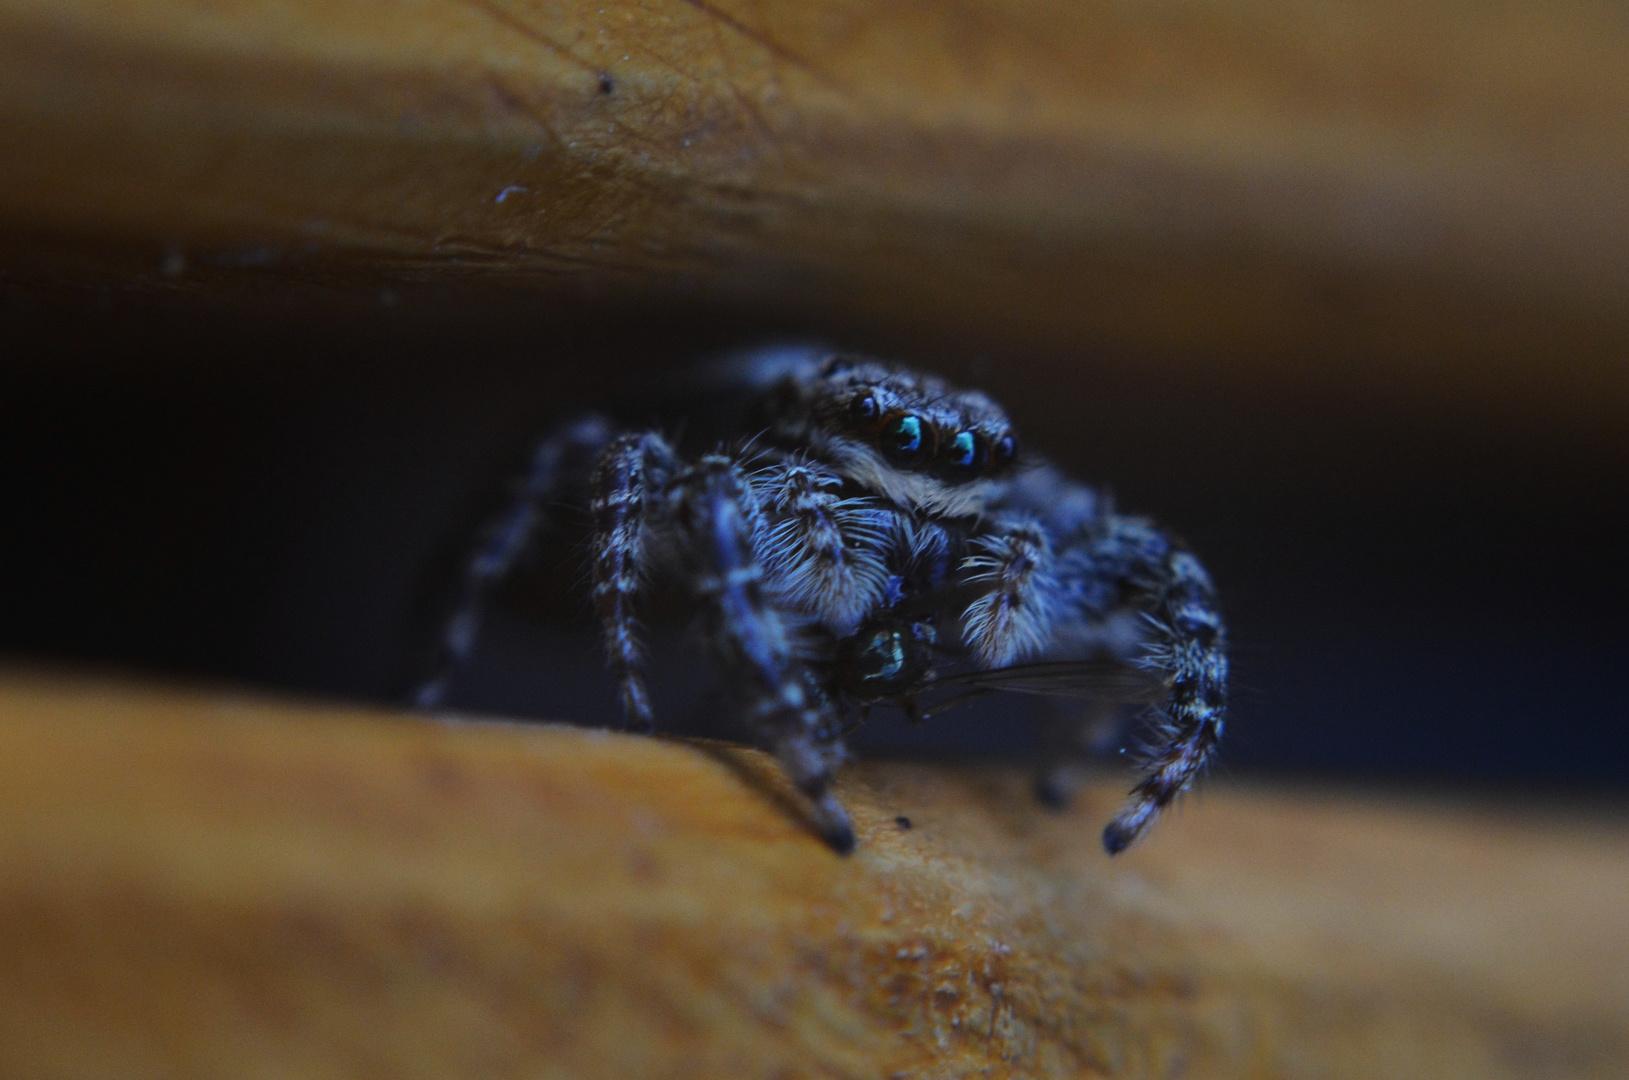 Spinne isst Fliege zum Abendessen